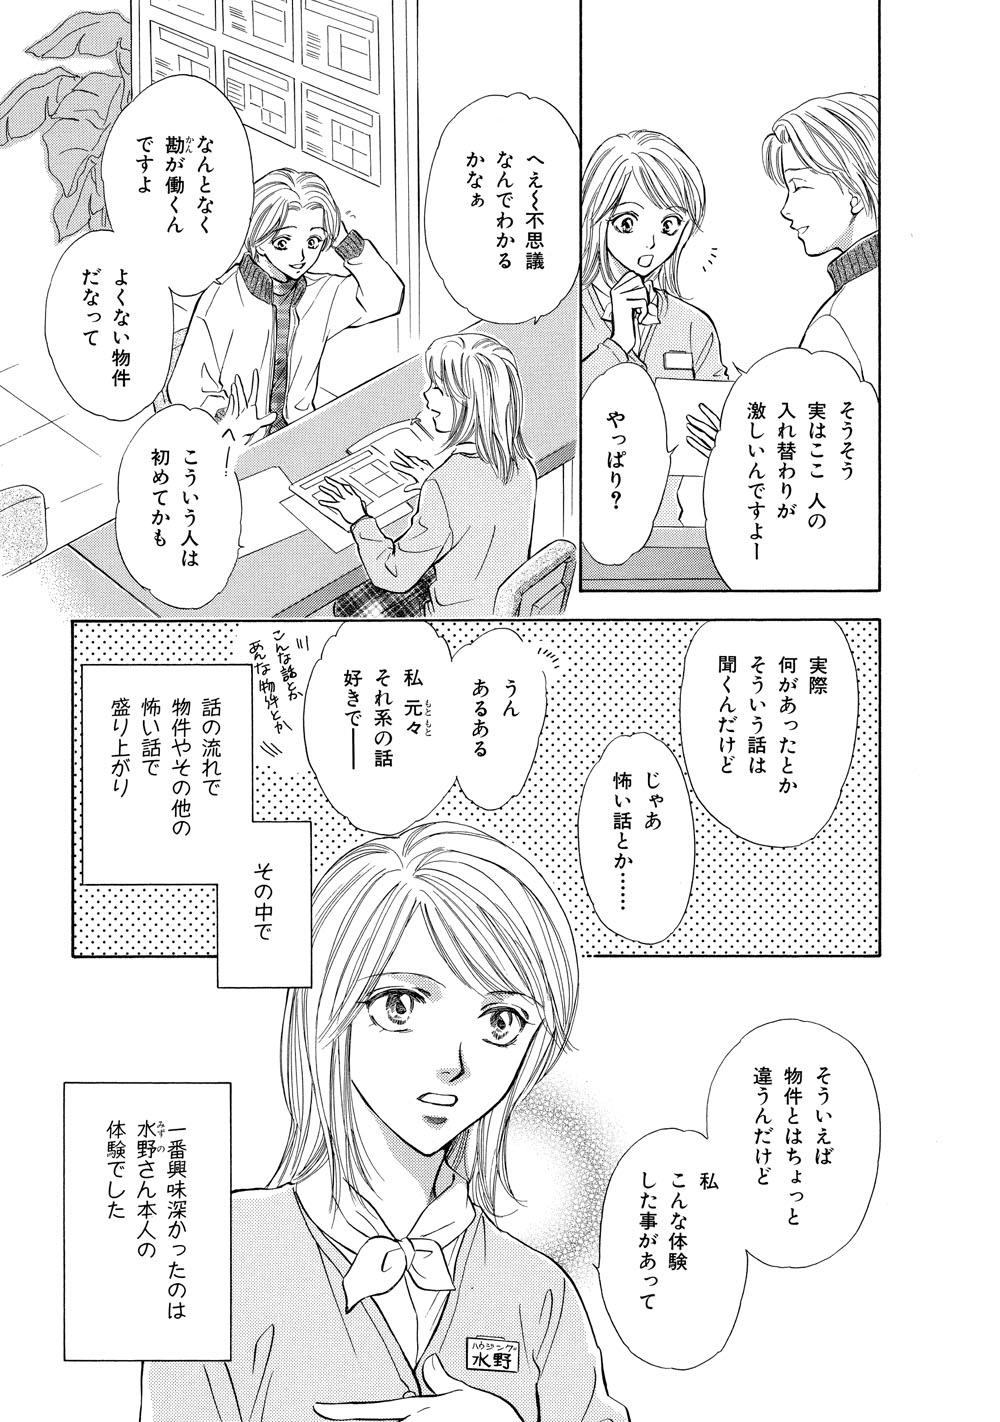 テレビ版_ほん怖_281.jpg